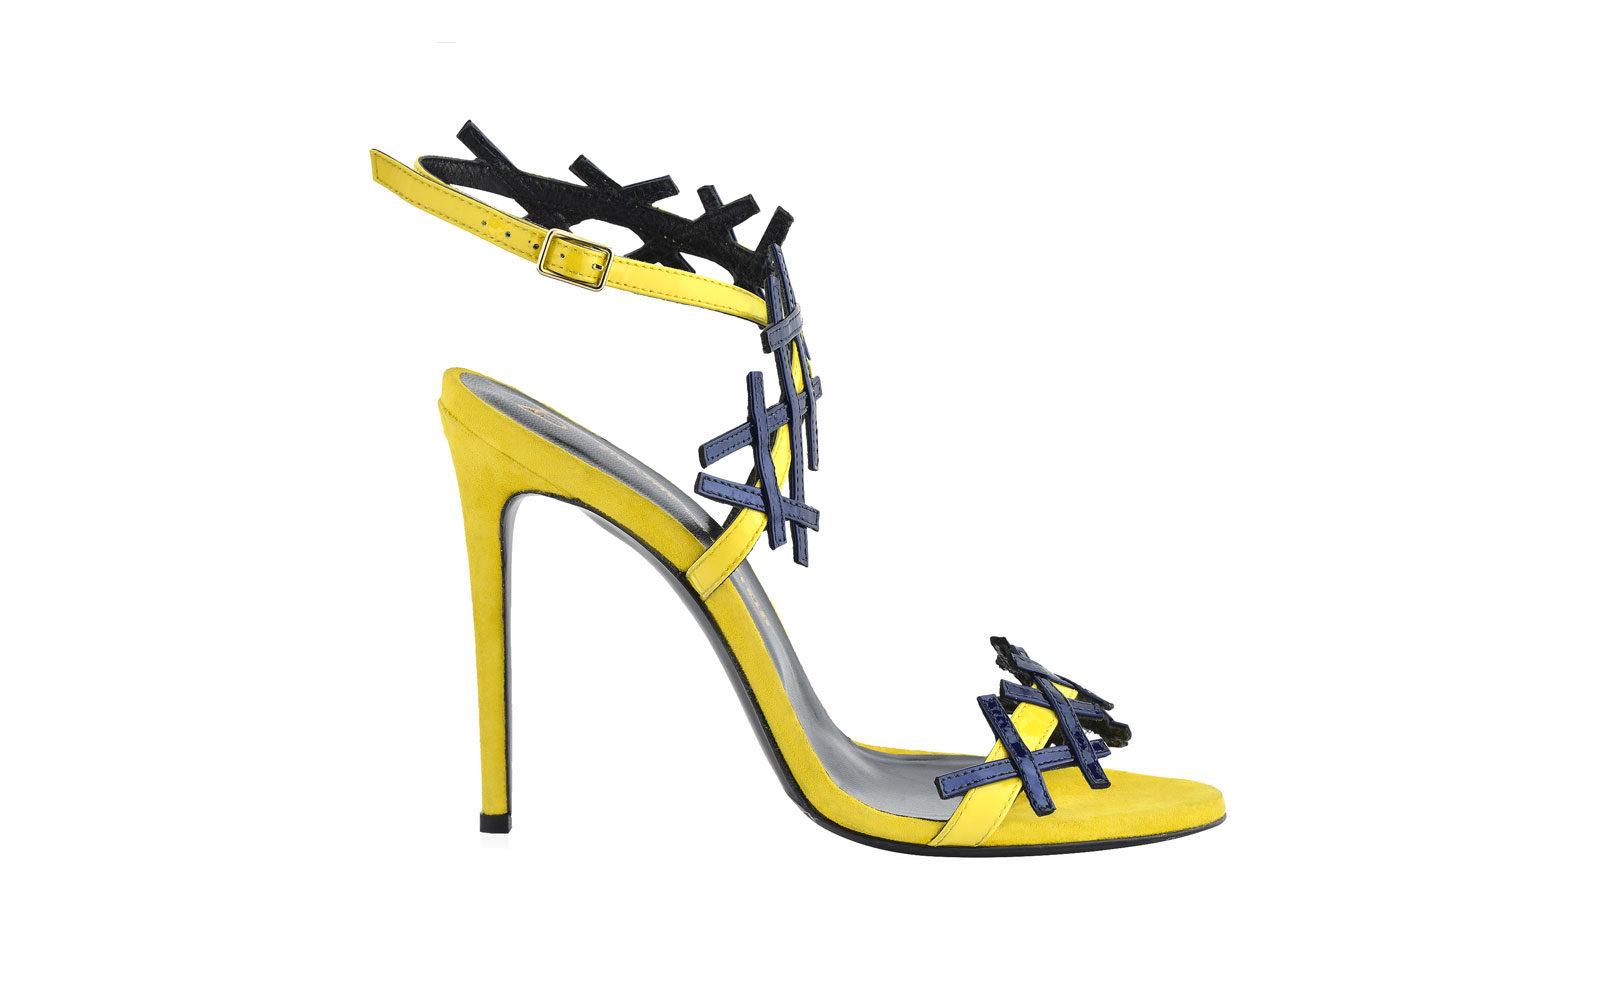 SIMONE CASTELLETTI  sandalo nude in camoscio giallo mimosa ed intreccio in vernice blu. 390 euro     www.simonecastelletti.it